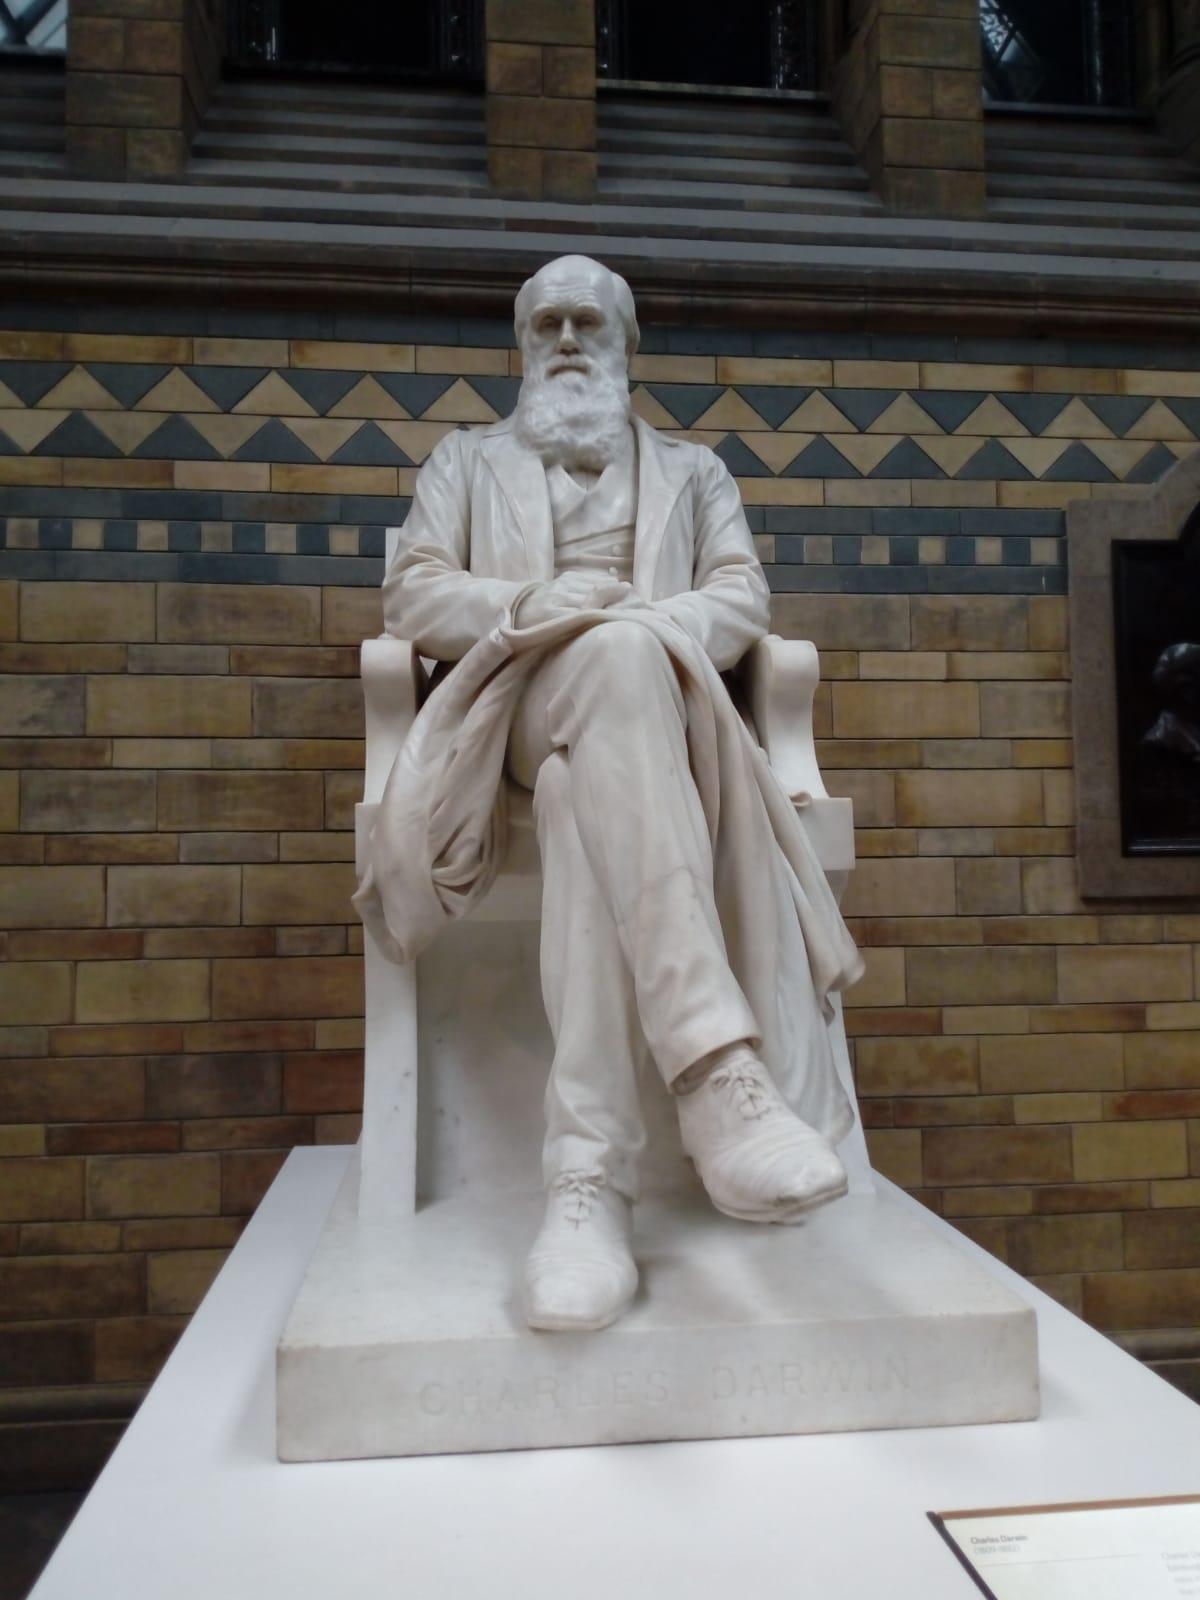 escultura que representa el pare de la teoria de l'evolució Charles Darwin